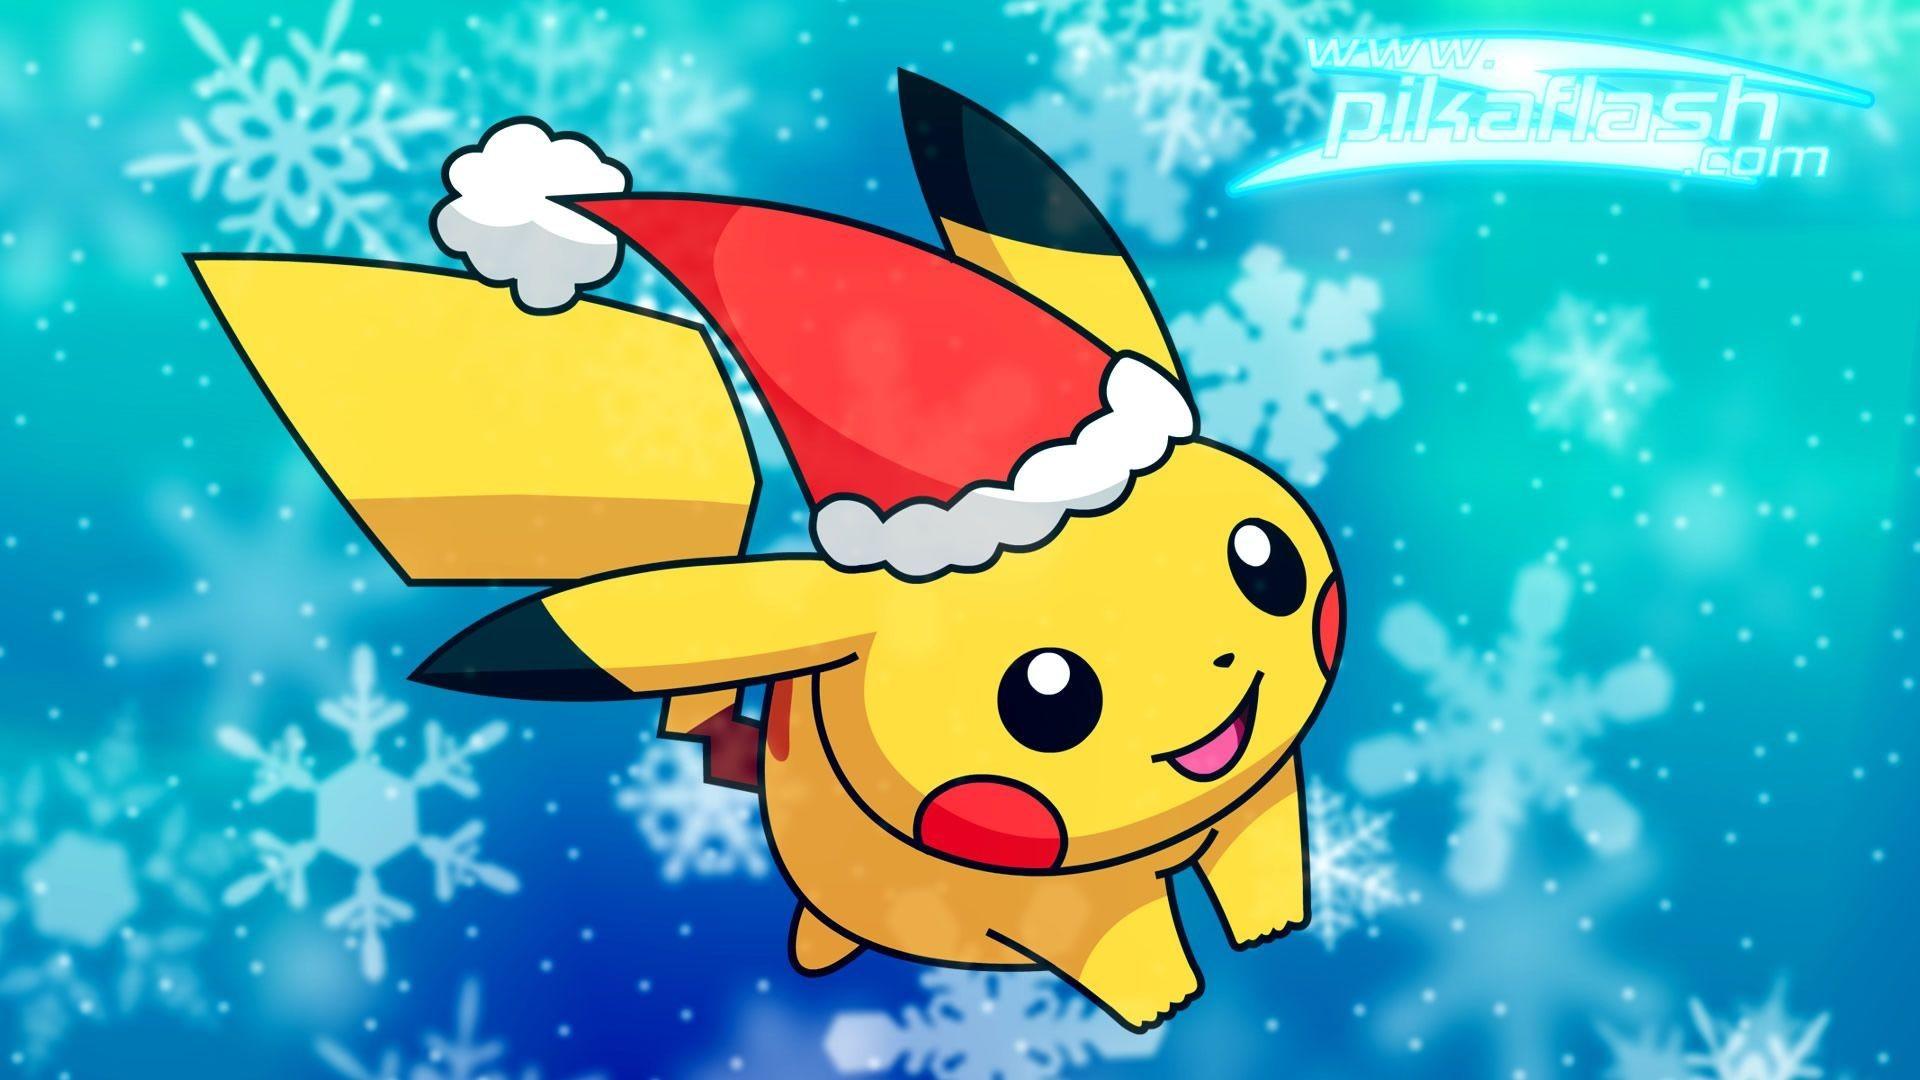 Pikachu Christmas HD Wallpaper Pokemon Christmas HD Images